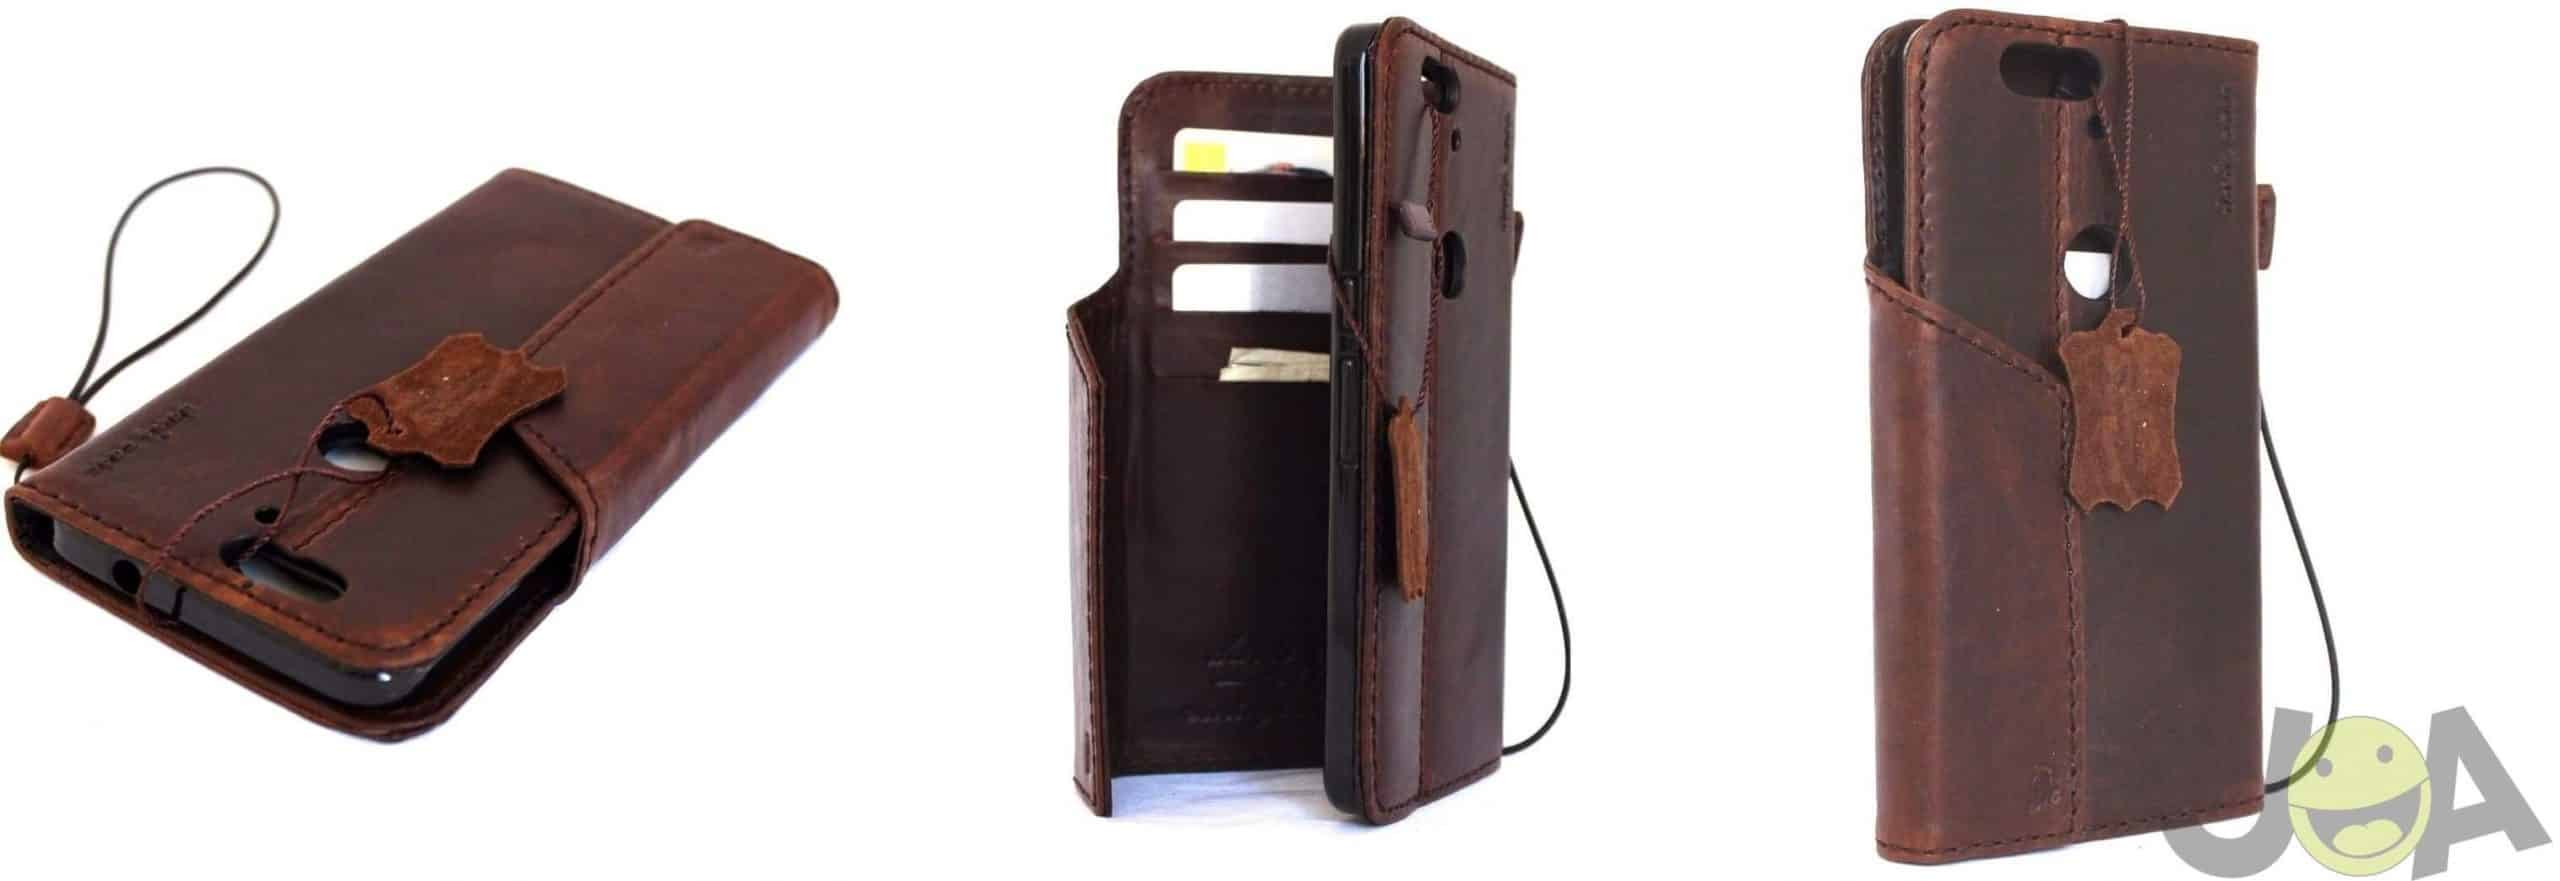 Vintage leather hard case